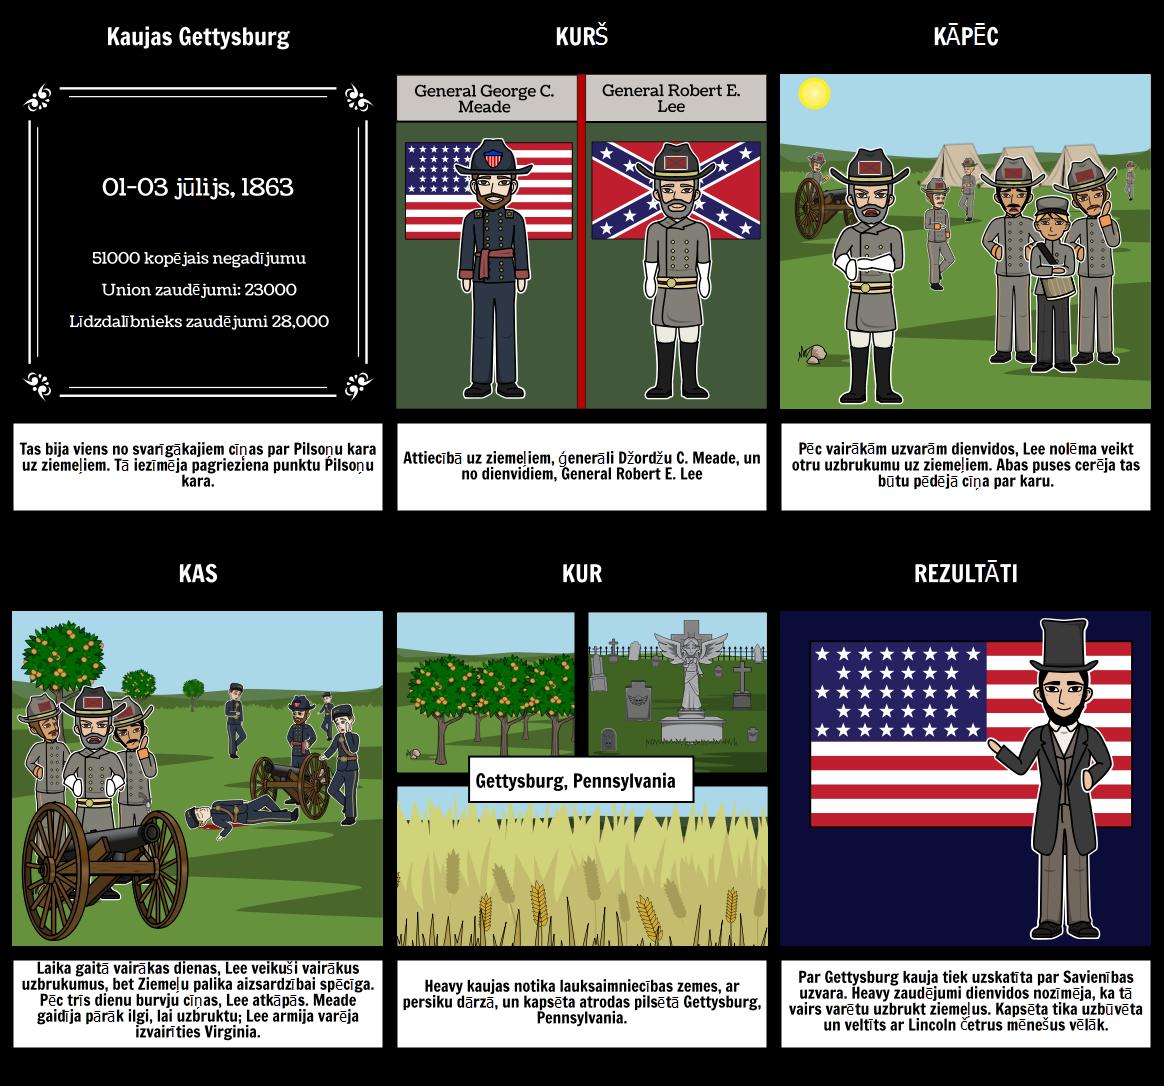 Battle of Gettysburg - Cīņas Pilsoņu Karš